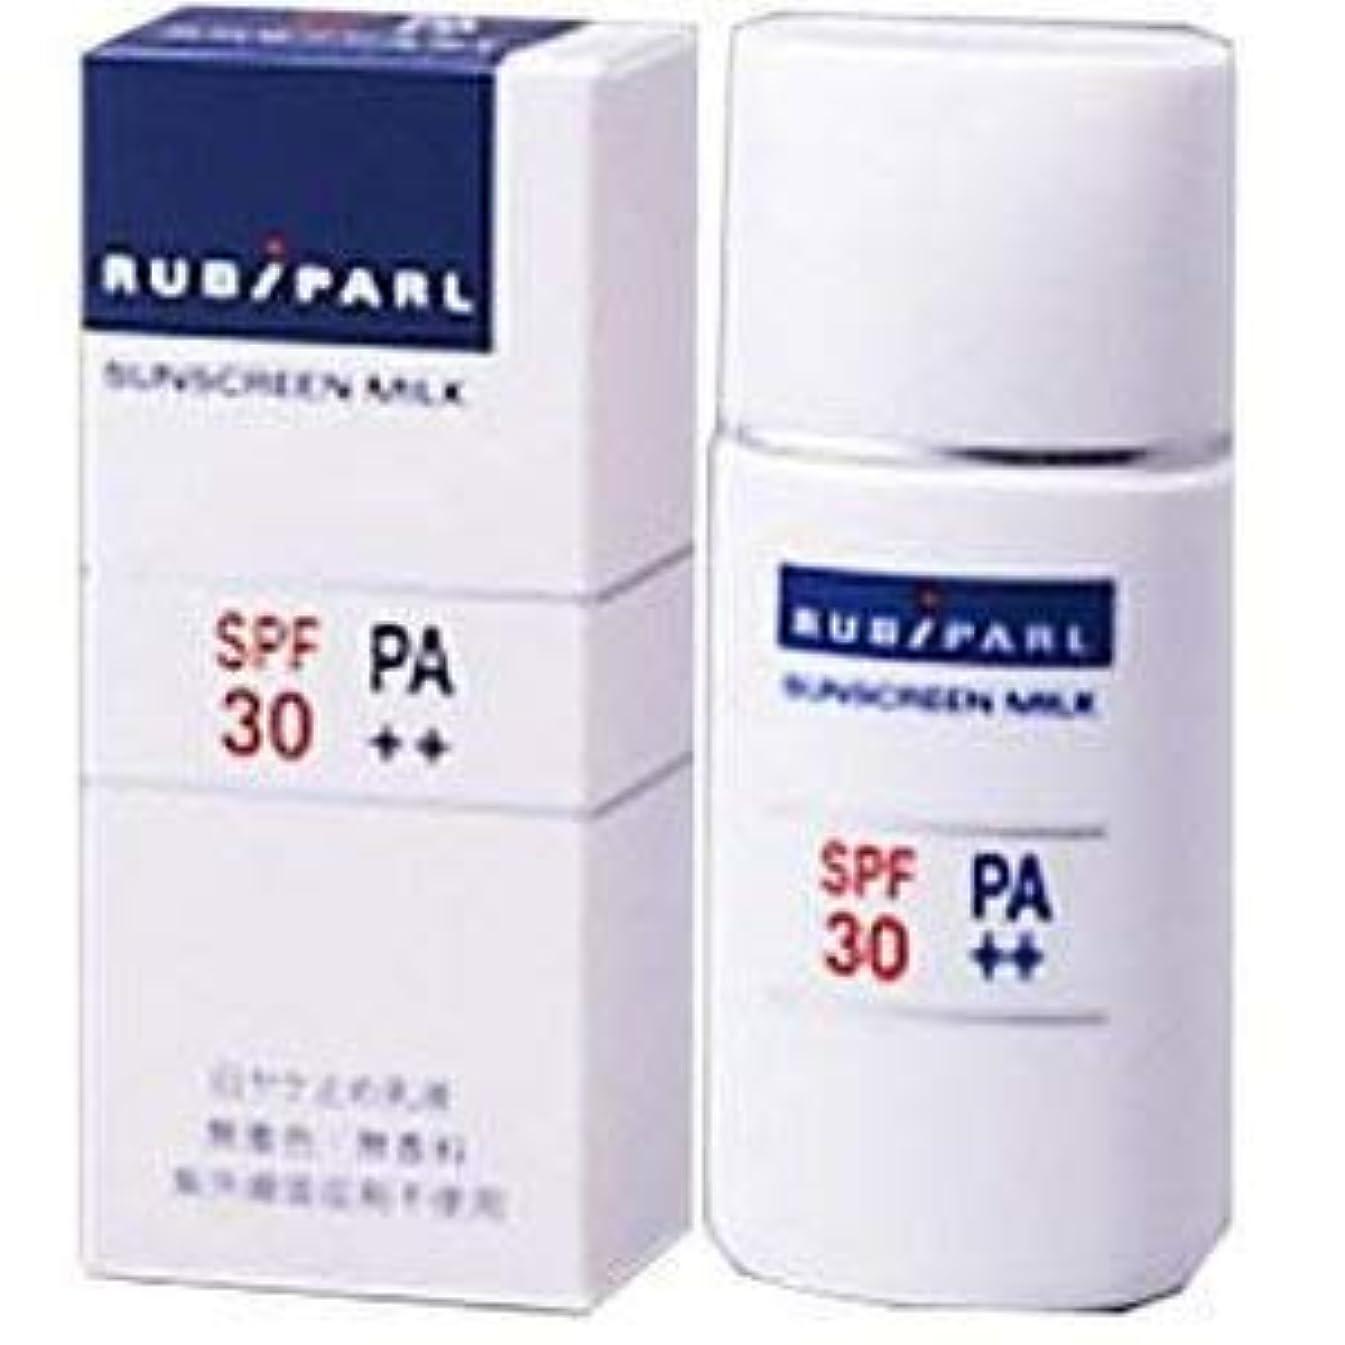 の中で声を出して富豪ルビパール サンスクリーンミルク 日ヤケ止め乳液 SPF30 PA++ 30mLx3個セット